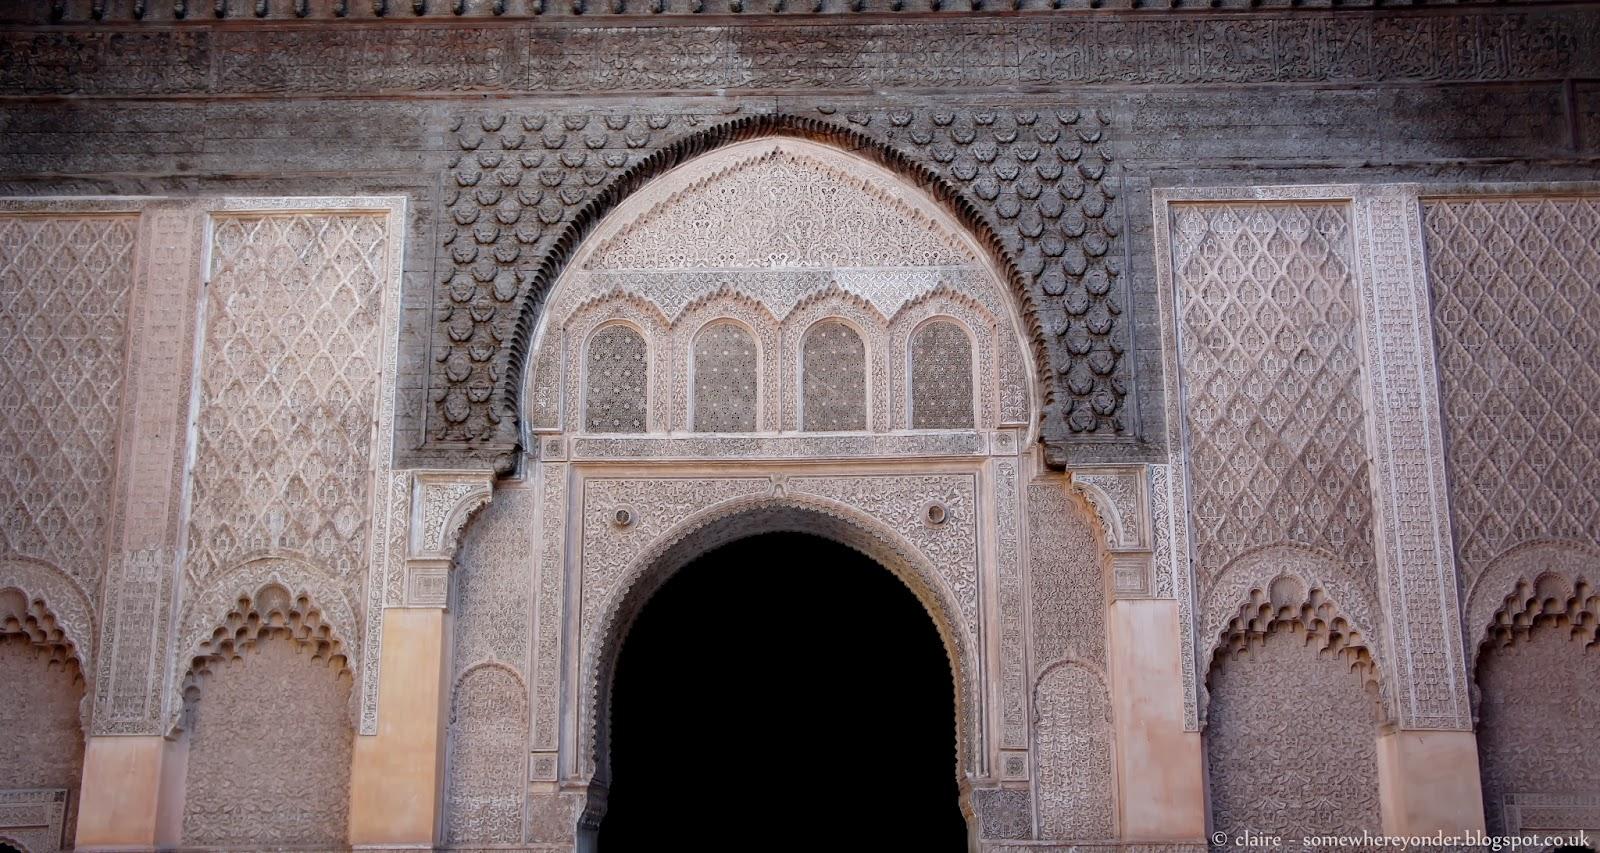 Inner courtyard at Ben Youssef Madrasa, Marrakech